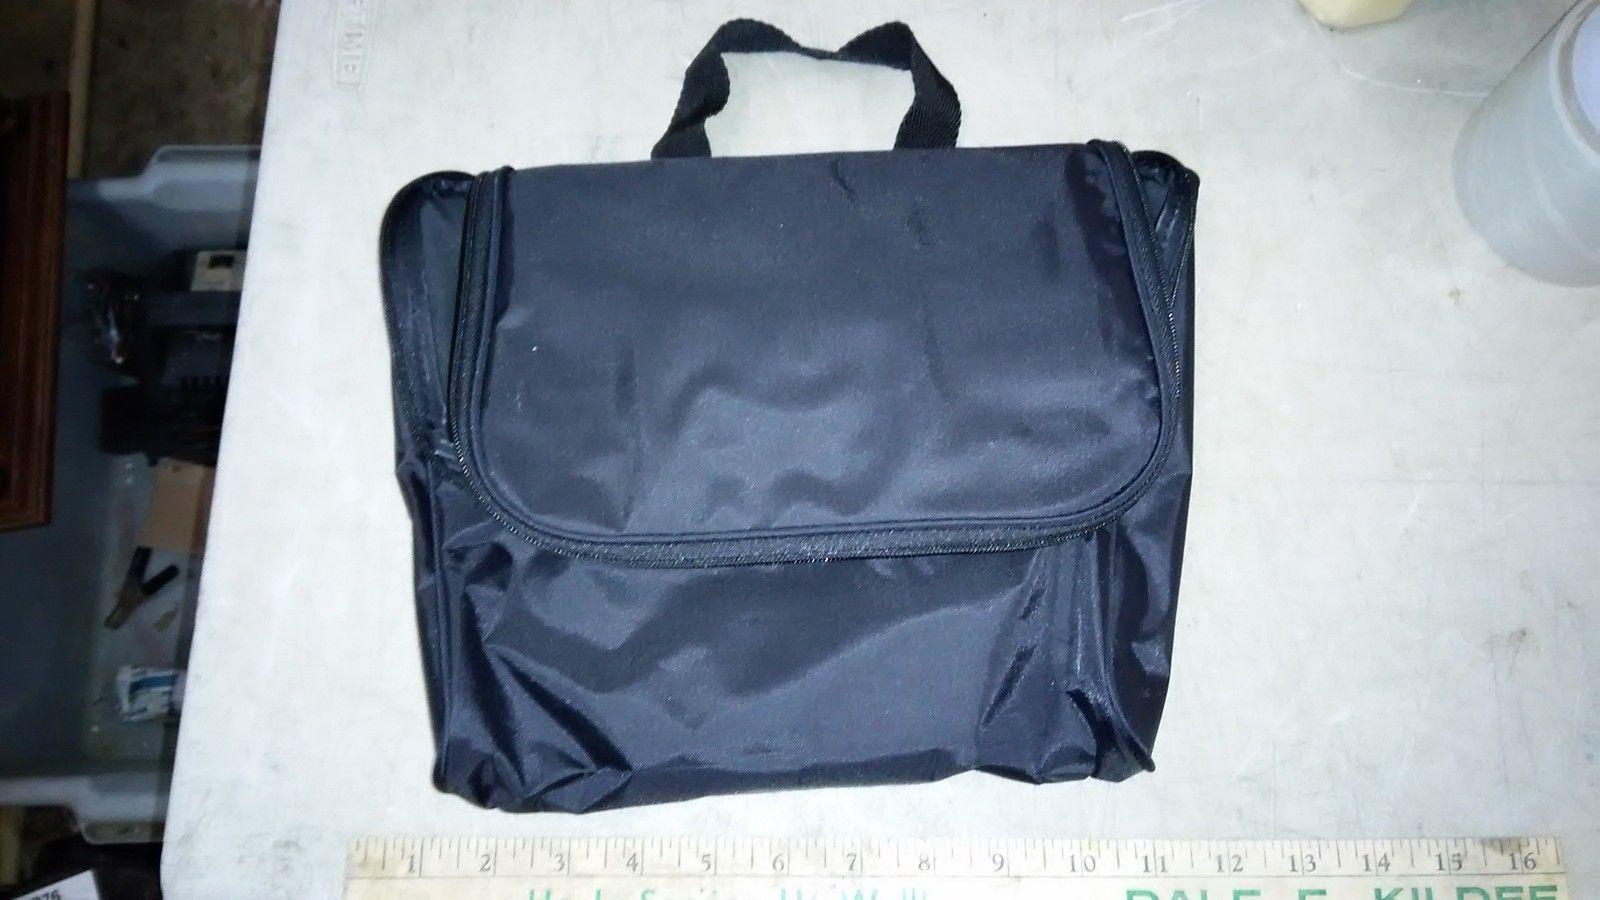 658c9c5b6d71 6 Cc46 Samsonite Travel Organizer Kit